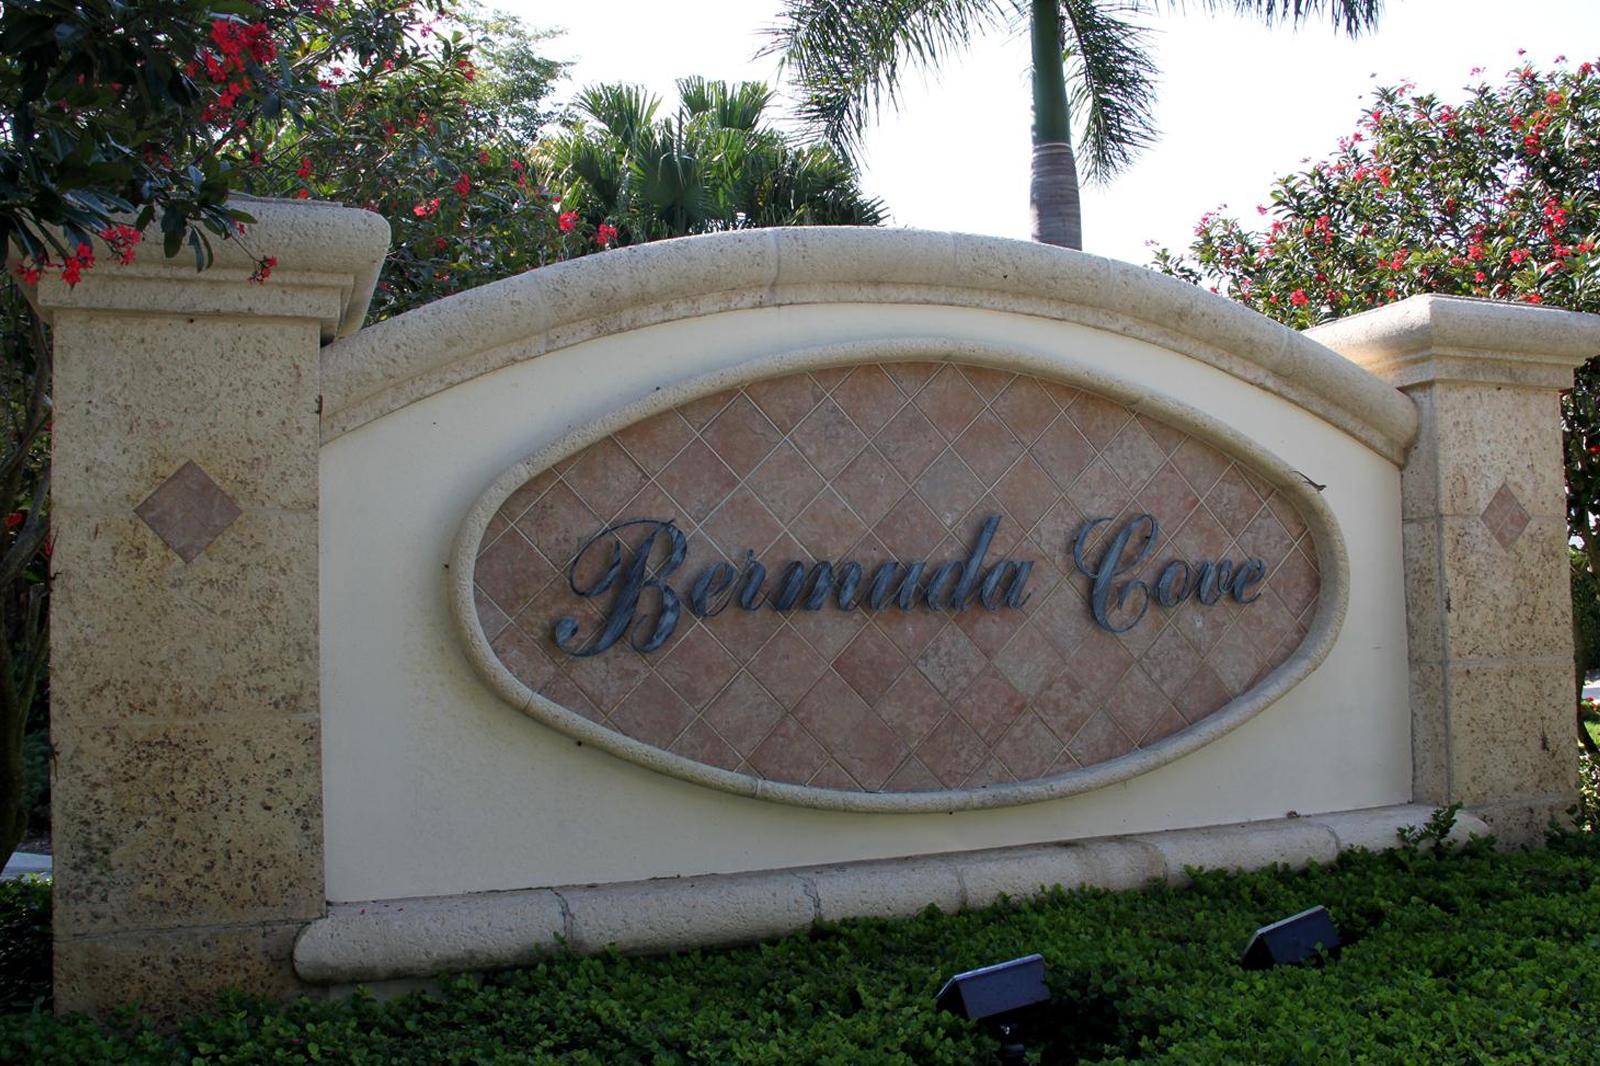 Bermuda Cove